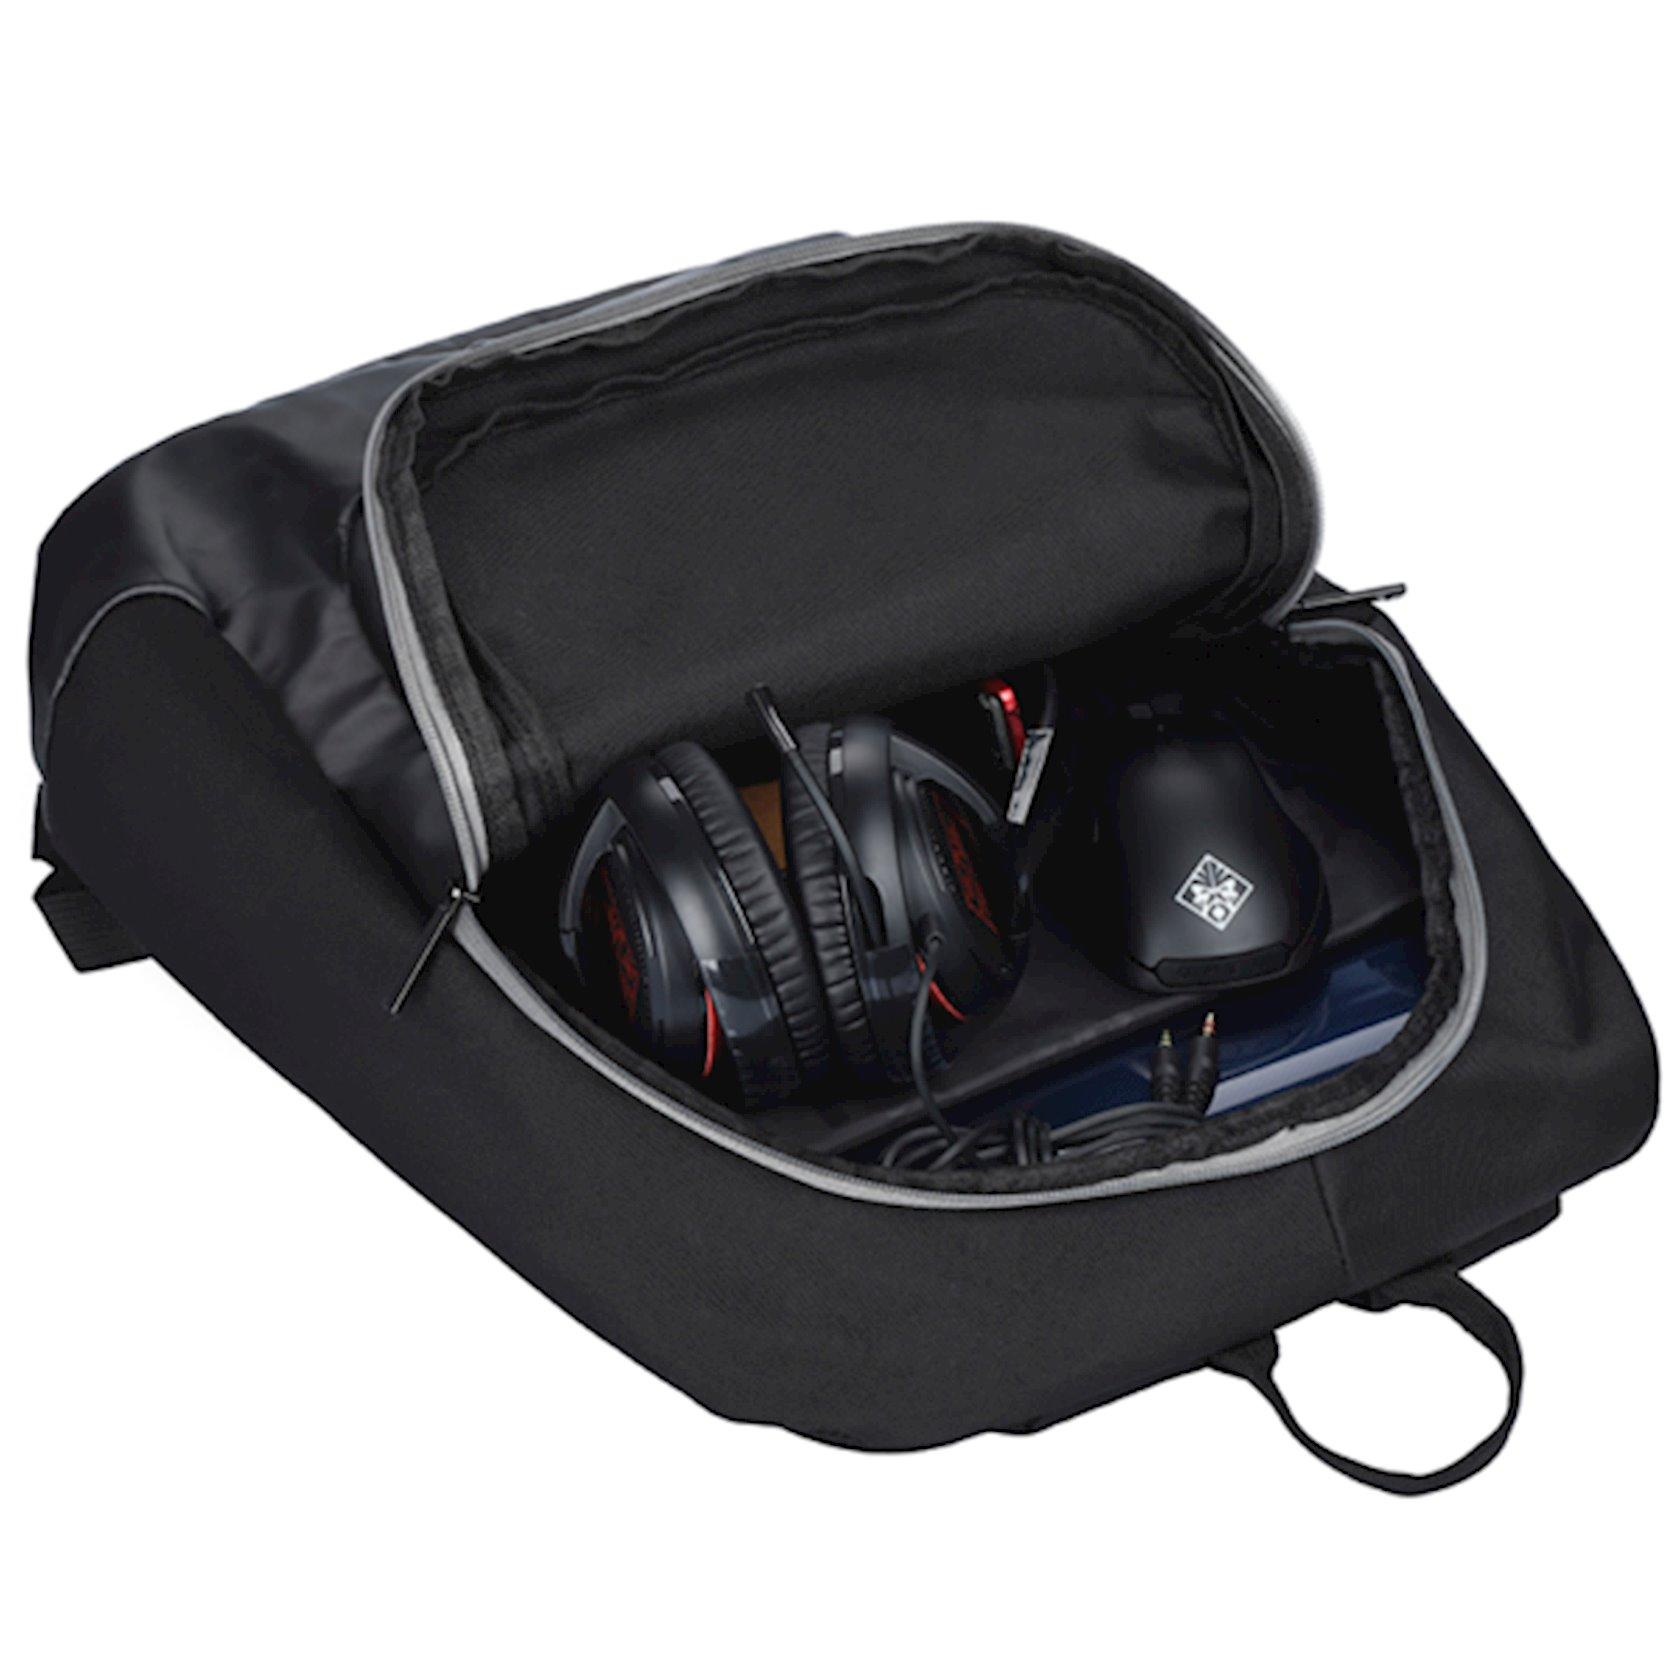 Noutbuk üçün bel çantası 2E 2E-BPN216BK 16 inch Black